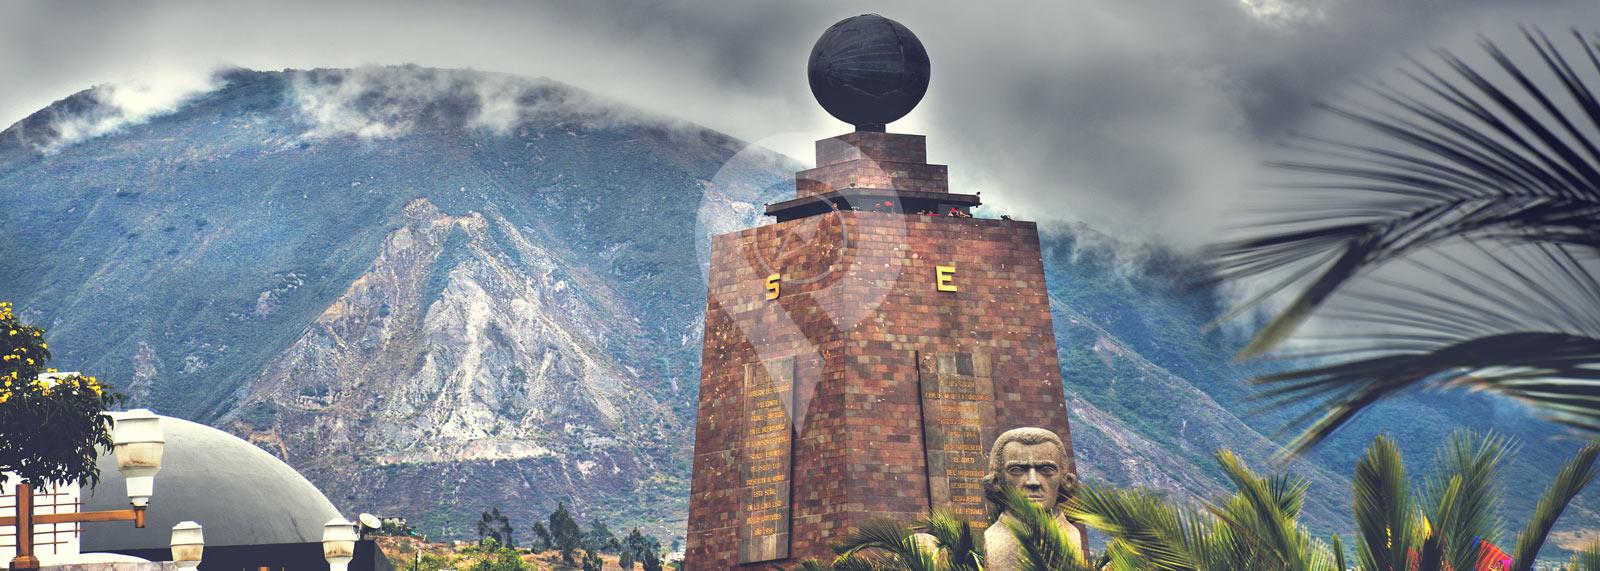 The Equator Day Tour